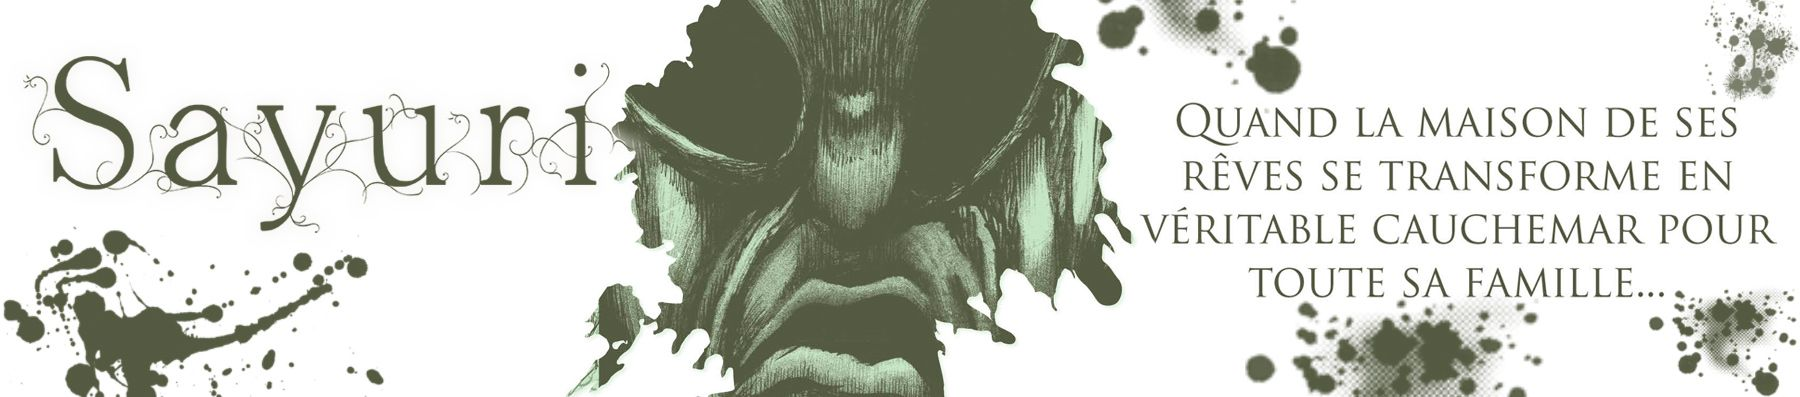 Dossier manga - Sayuri